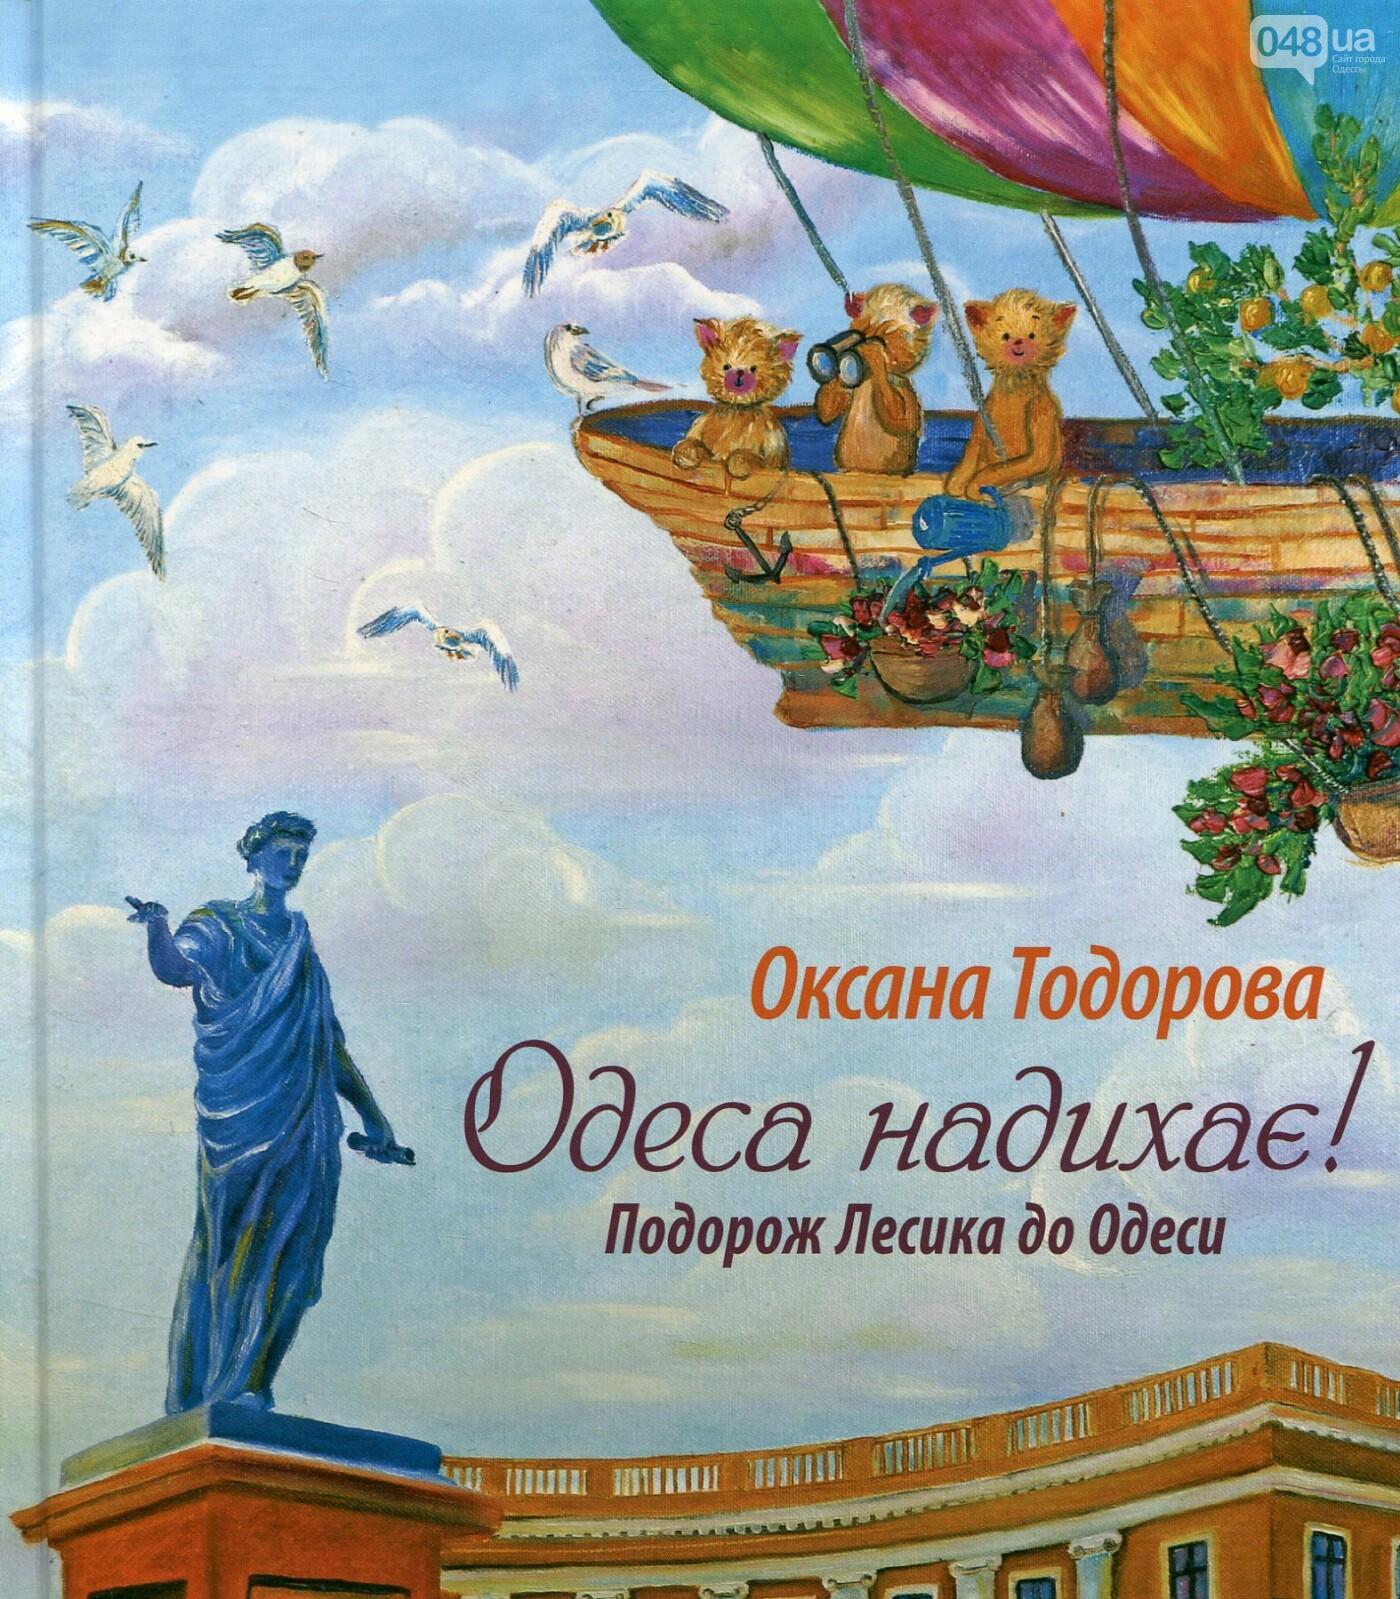 8 книг с духом Одессы, юмором и уникальными пейзажами, фото-6